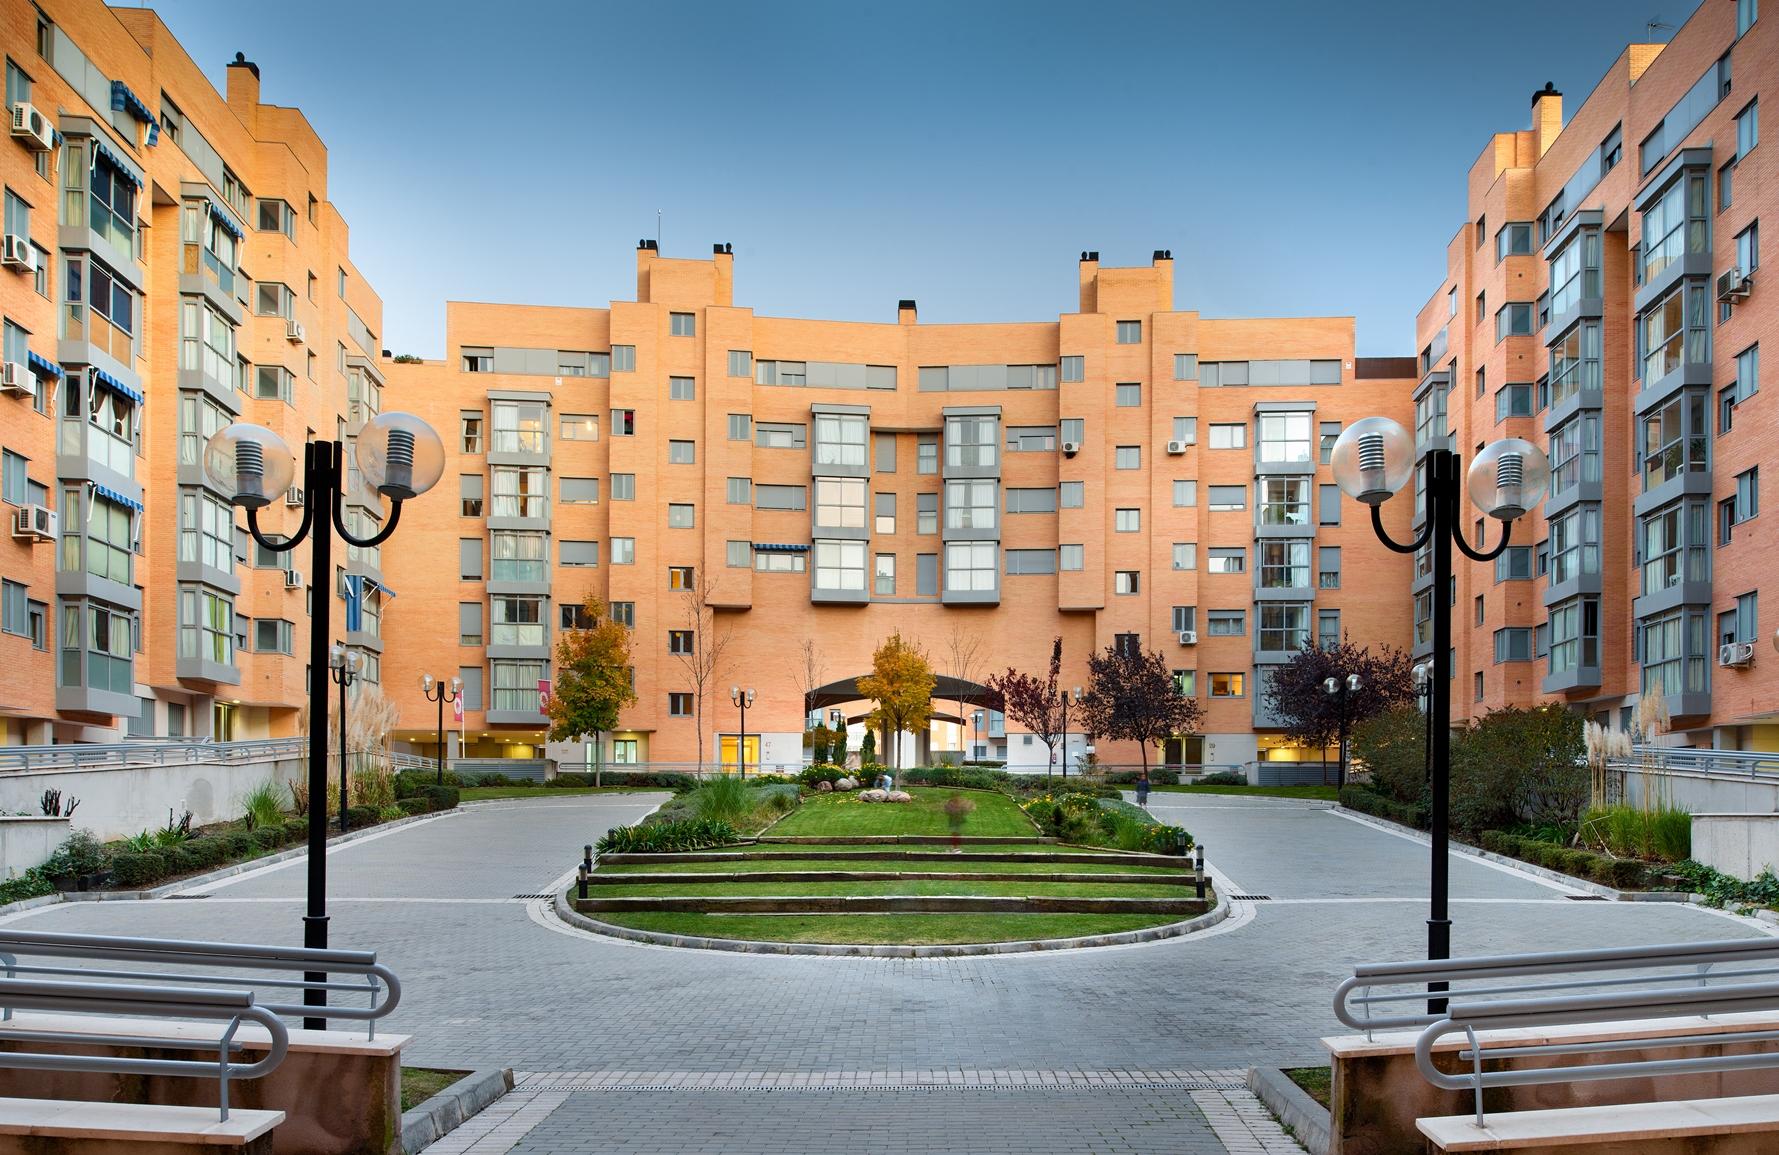 Hispania compra un edificio de 284 viviendas en alquiler en madrid por 61 millones fotos - Pisos de alquiler en sanchinarro ...